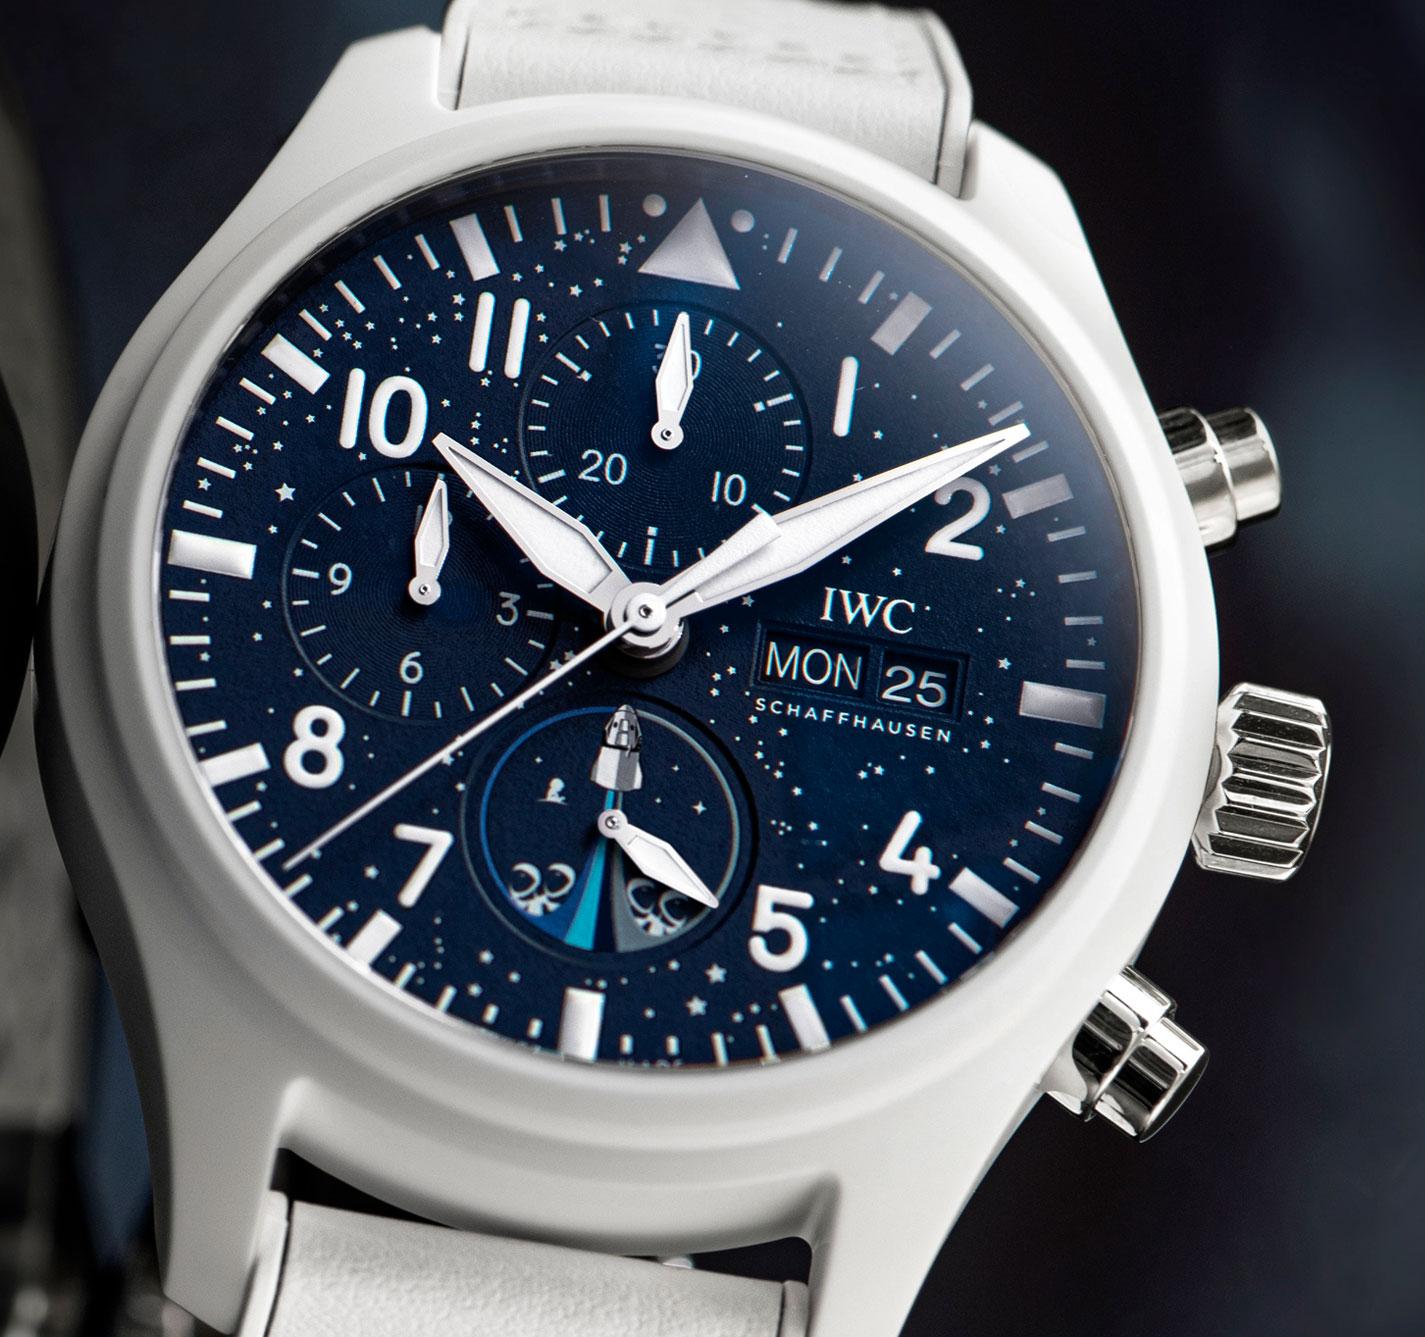 Esfera del IWC Inspiration4 Chronograph